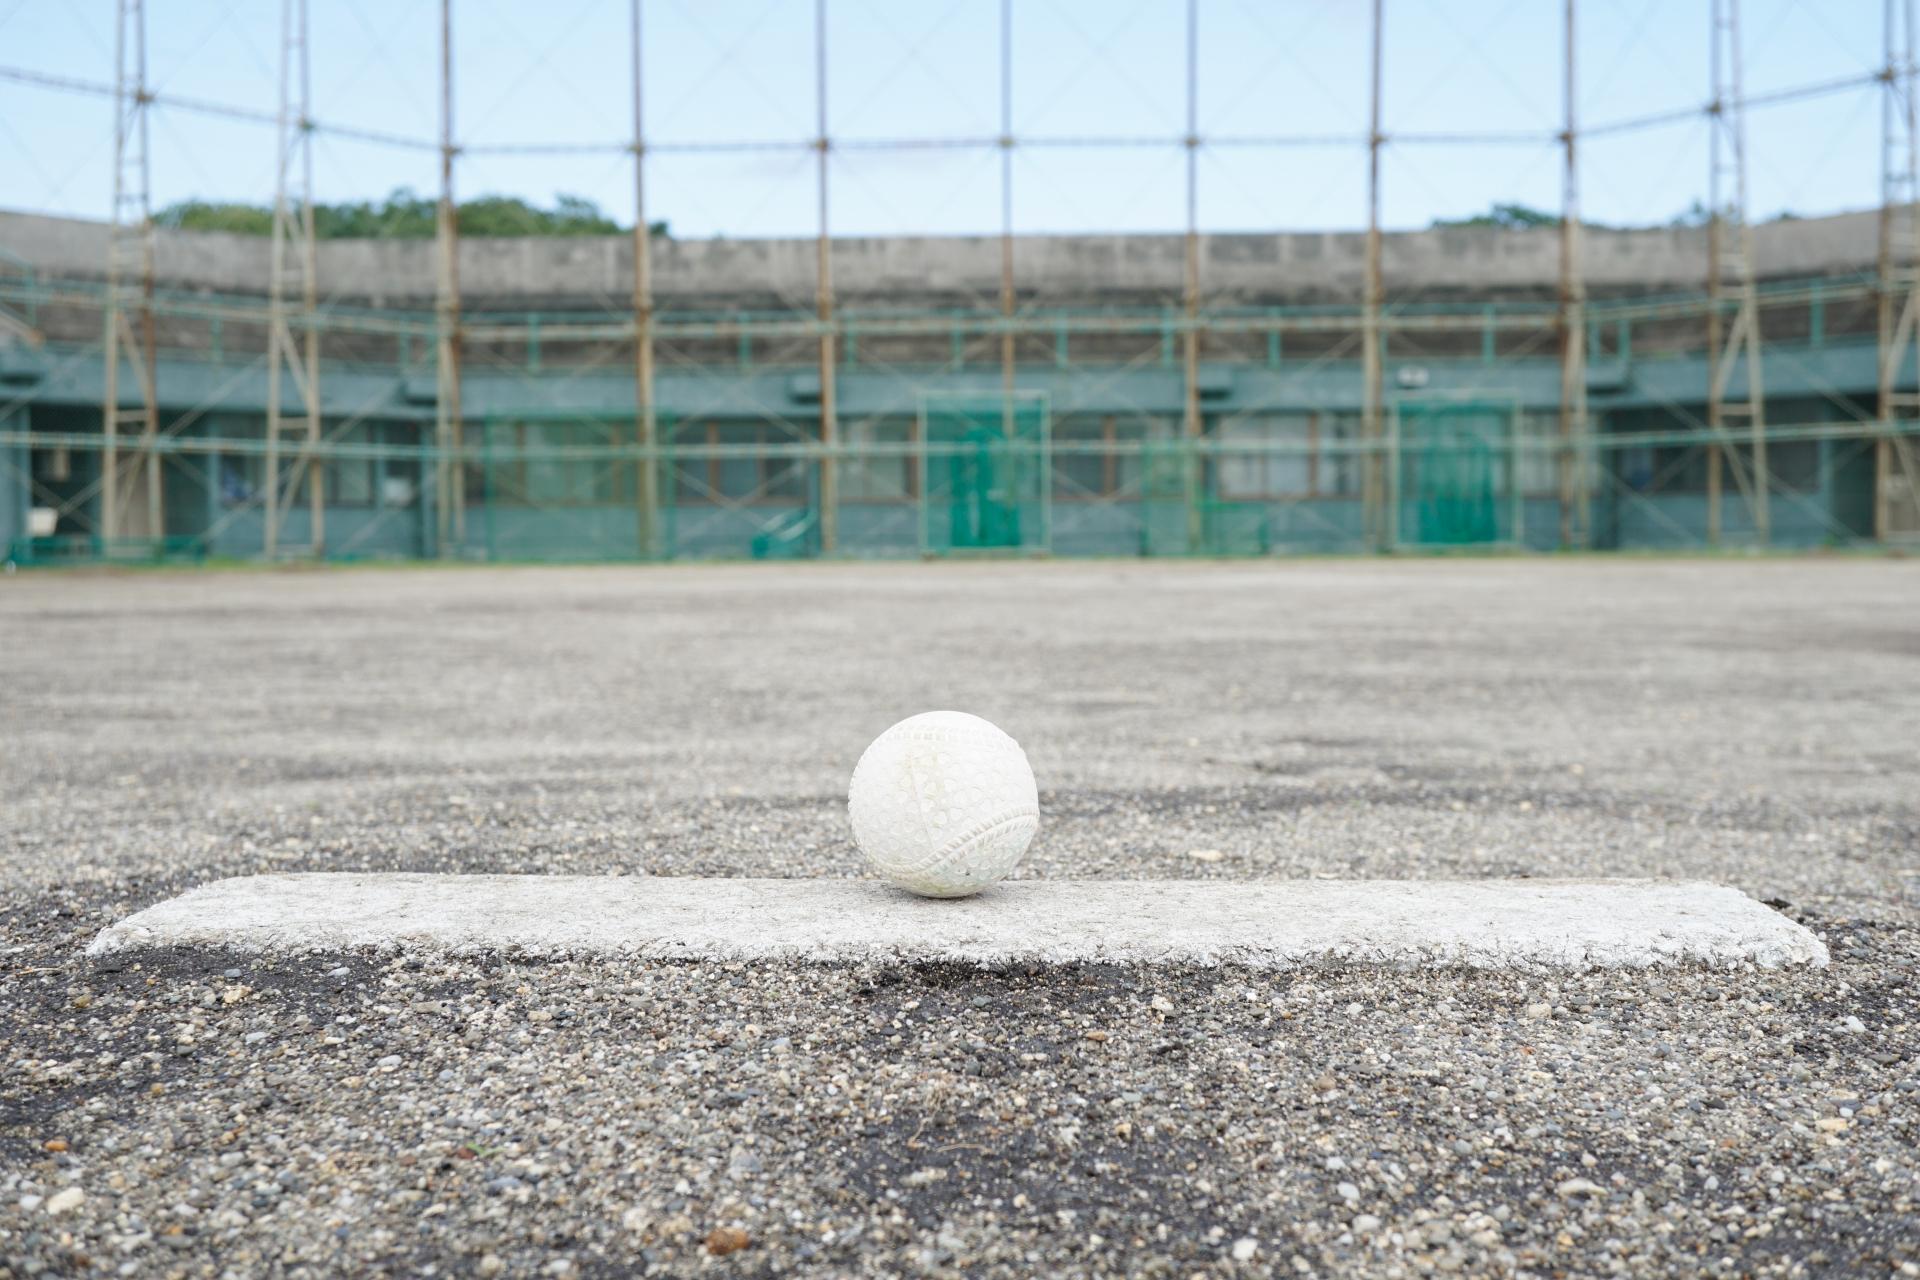 野球のピッチャーの球種と特徴を理解して、試合を楽しみましょう